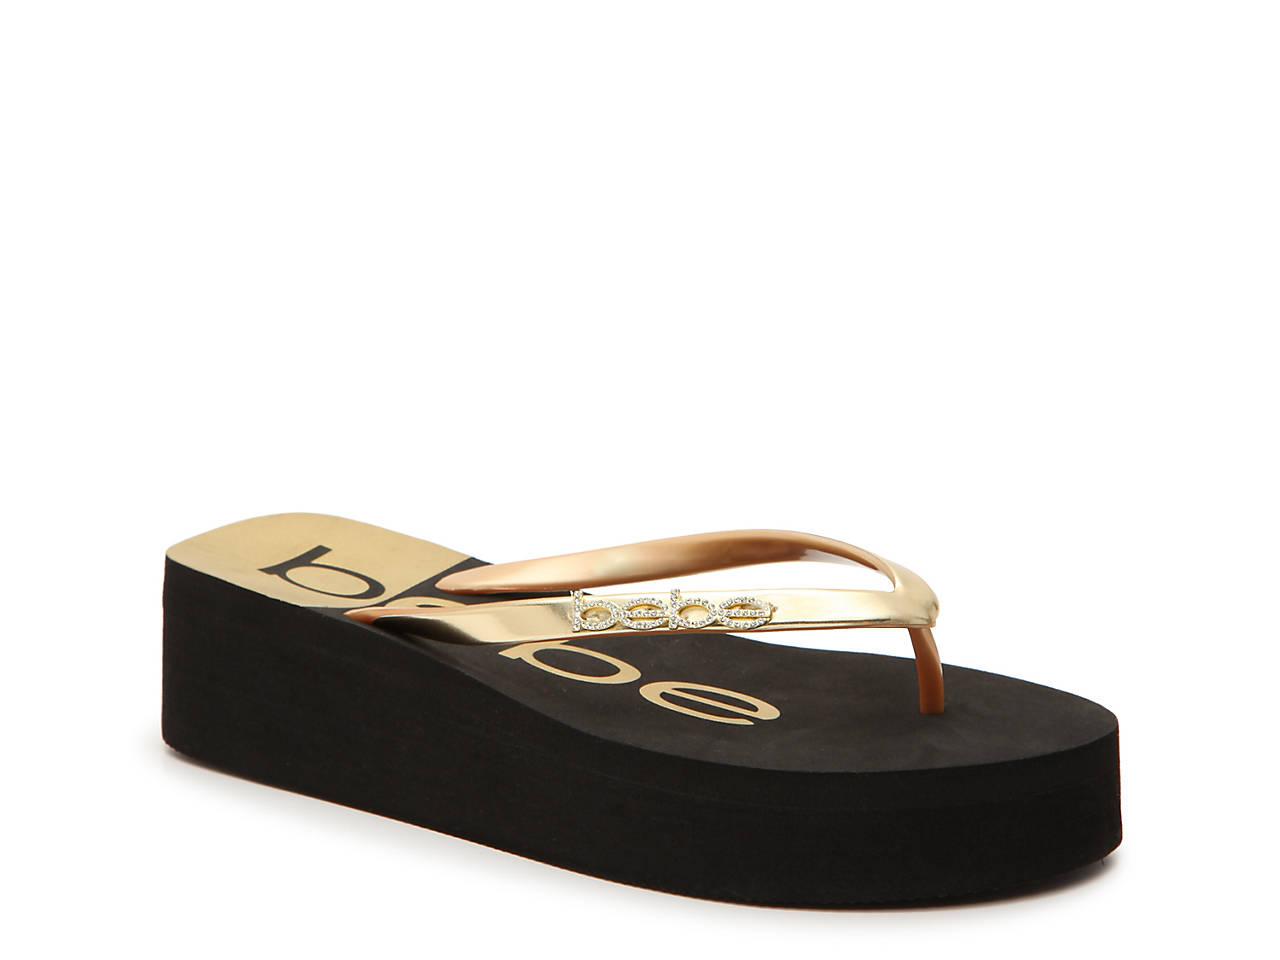 d36ff6bc75e0f bebe Jeanie Wedge Flip Flop Women s Shoes